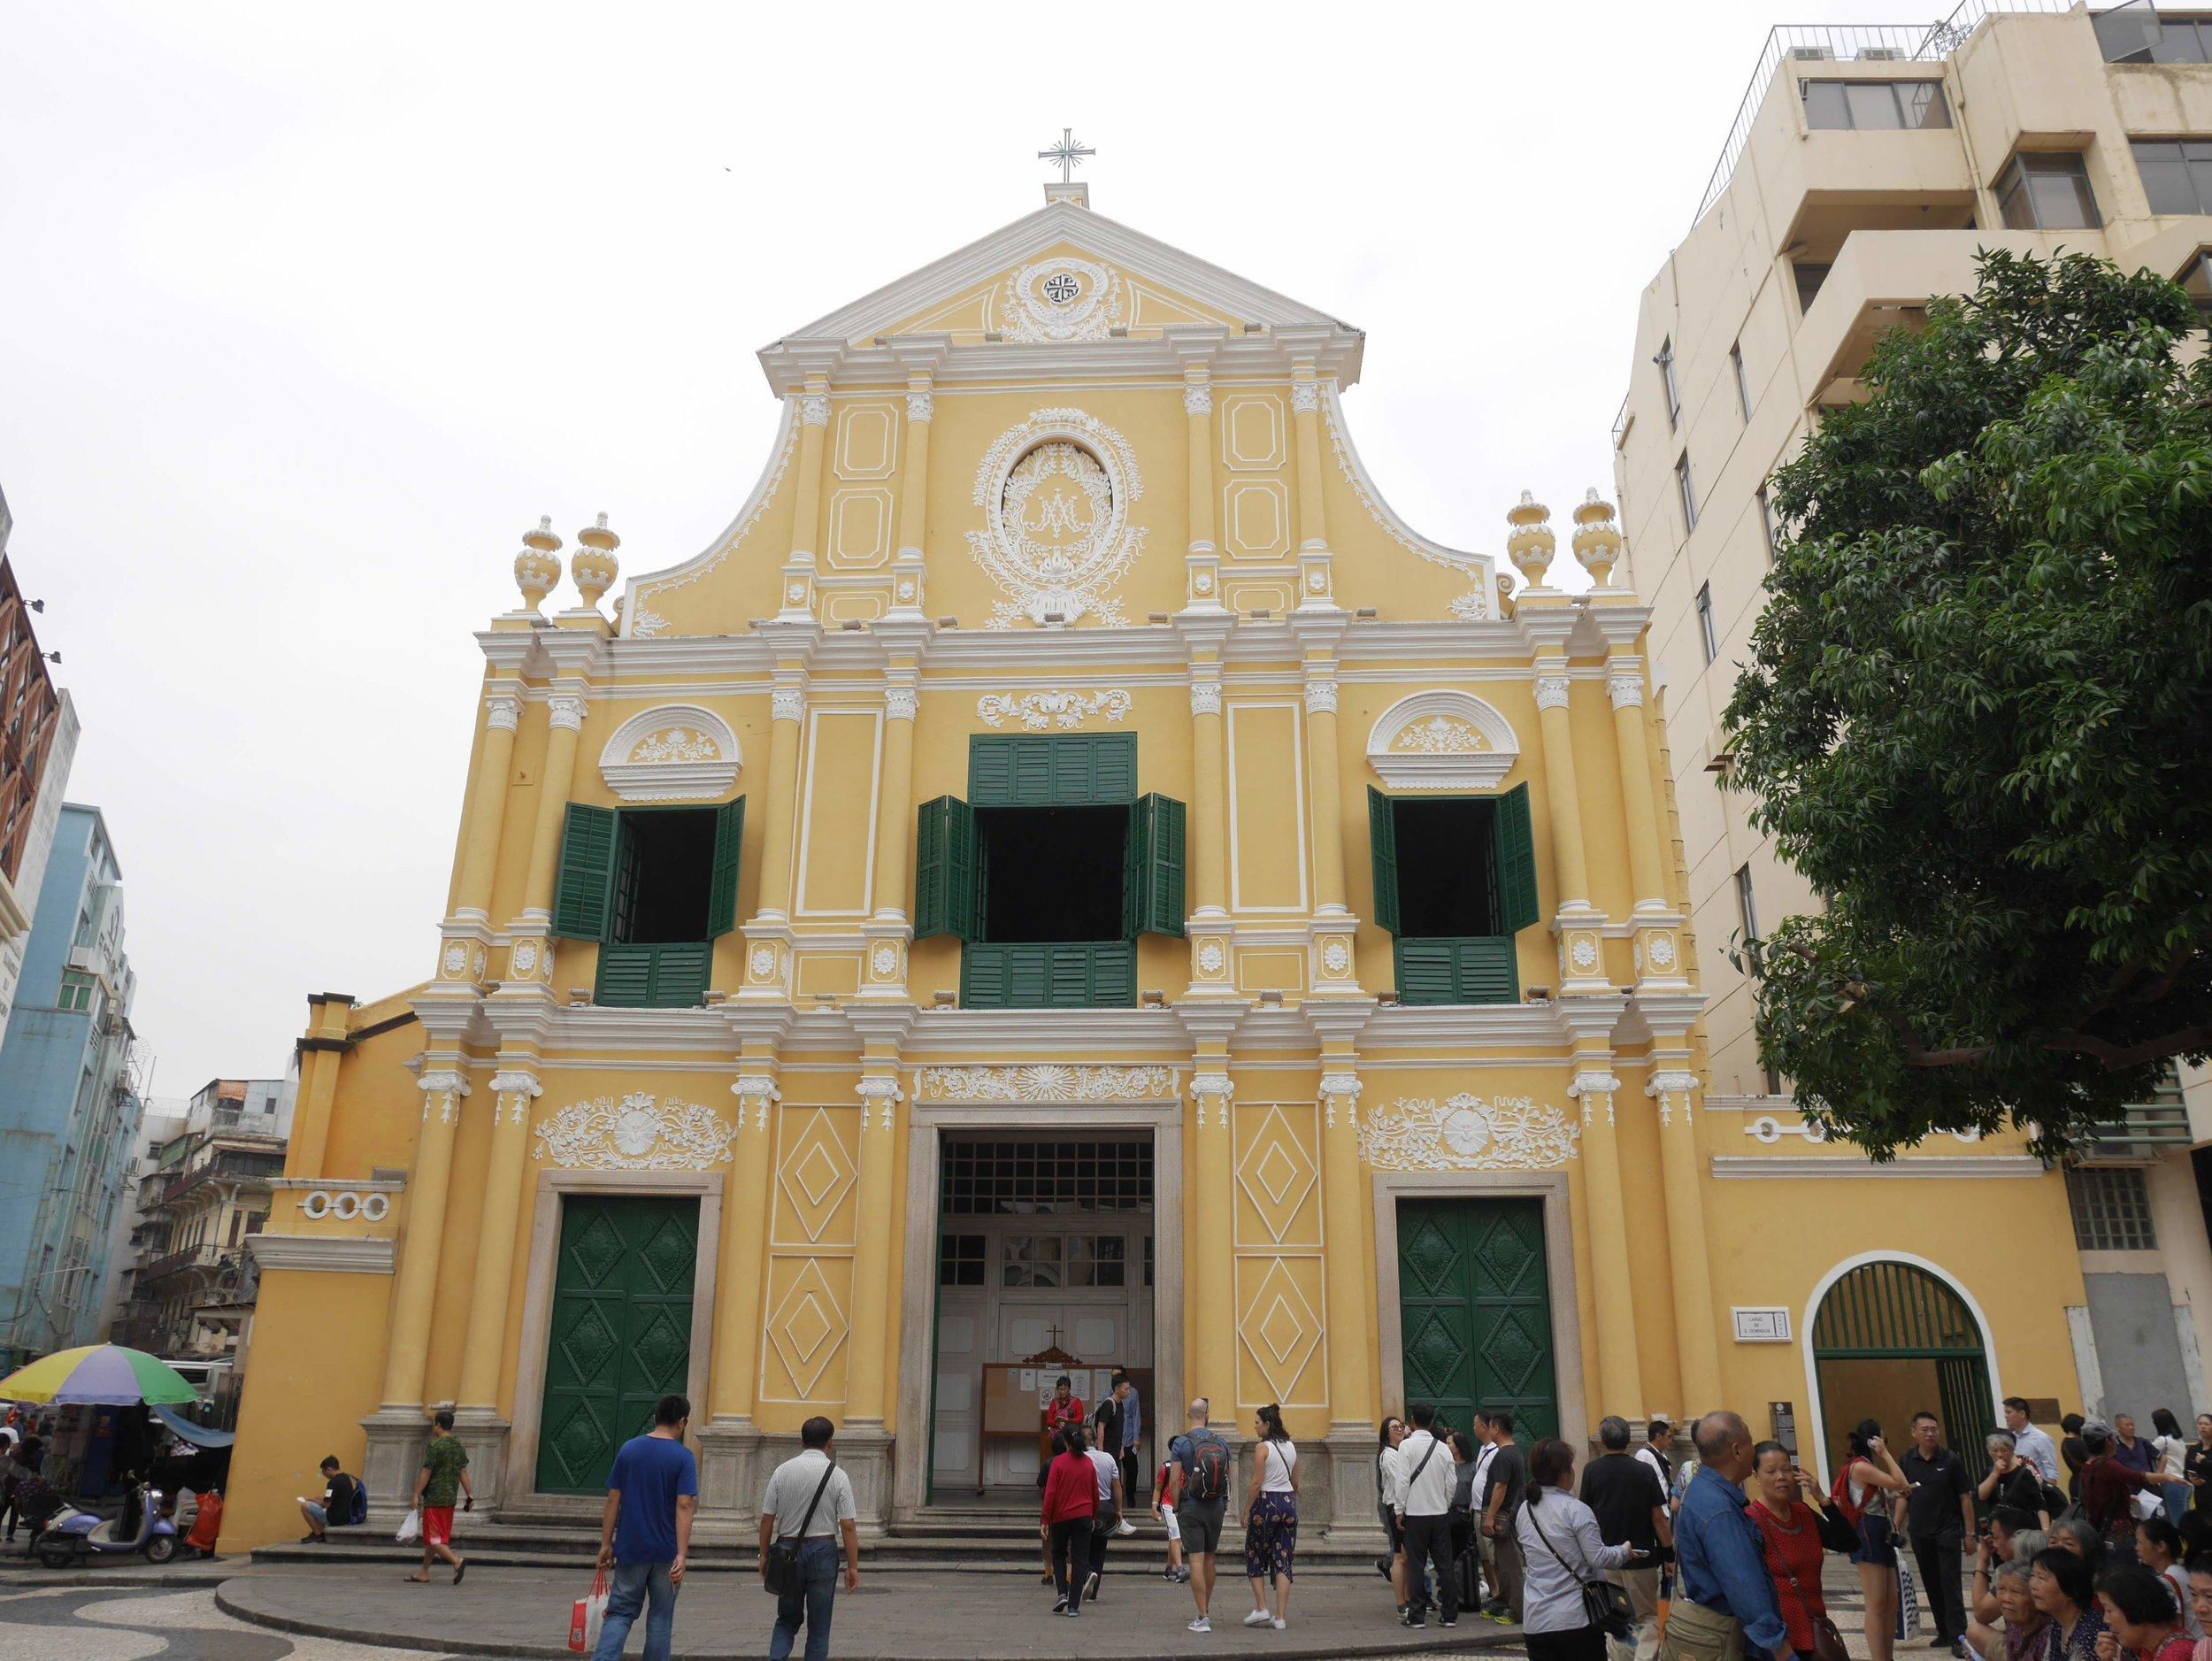 St. Dominic Church, Macau